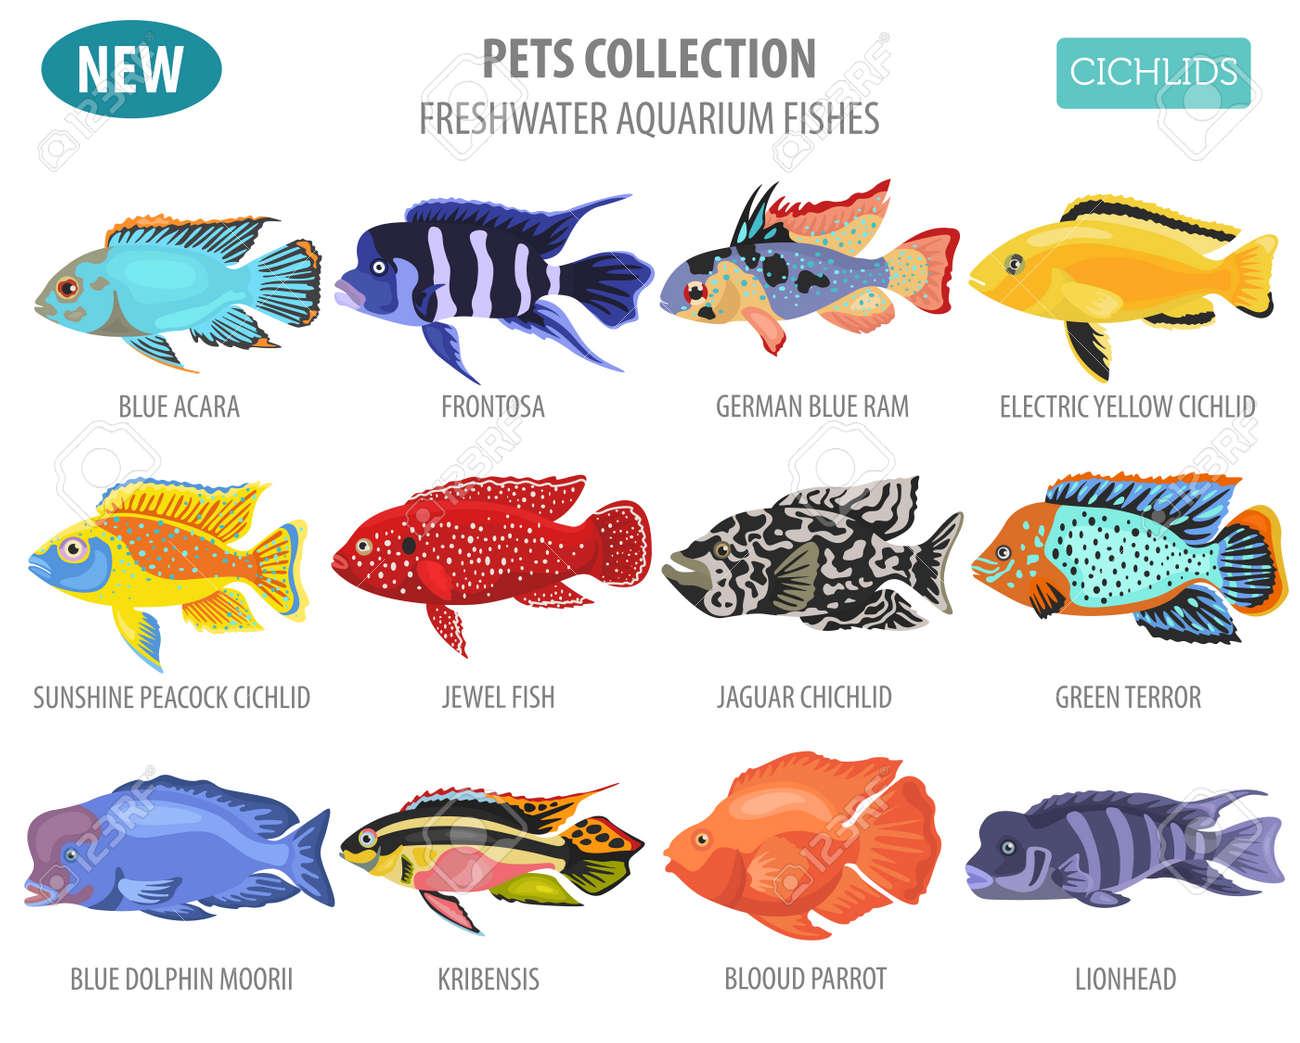 Freshwater Aquarium Fishes Breeds Icon Set Flat Style Isolated